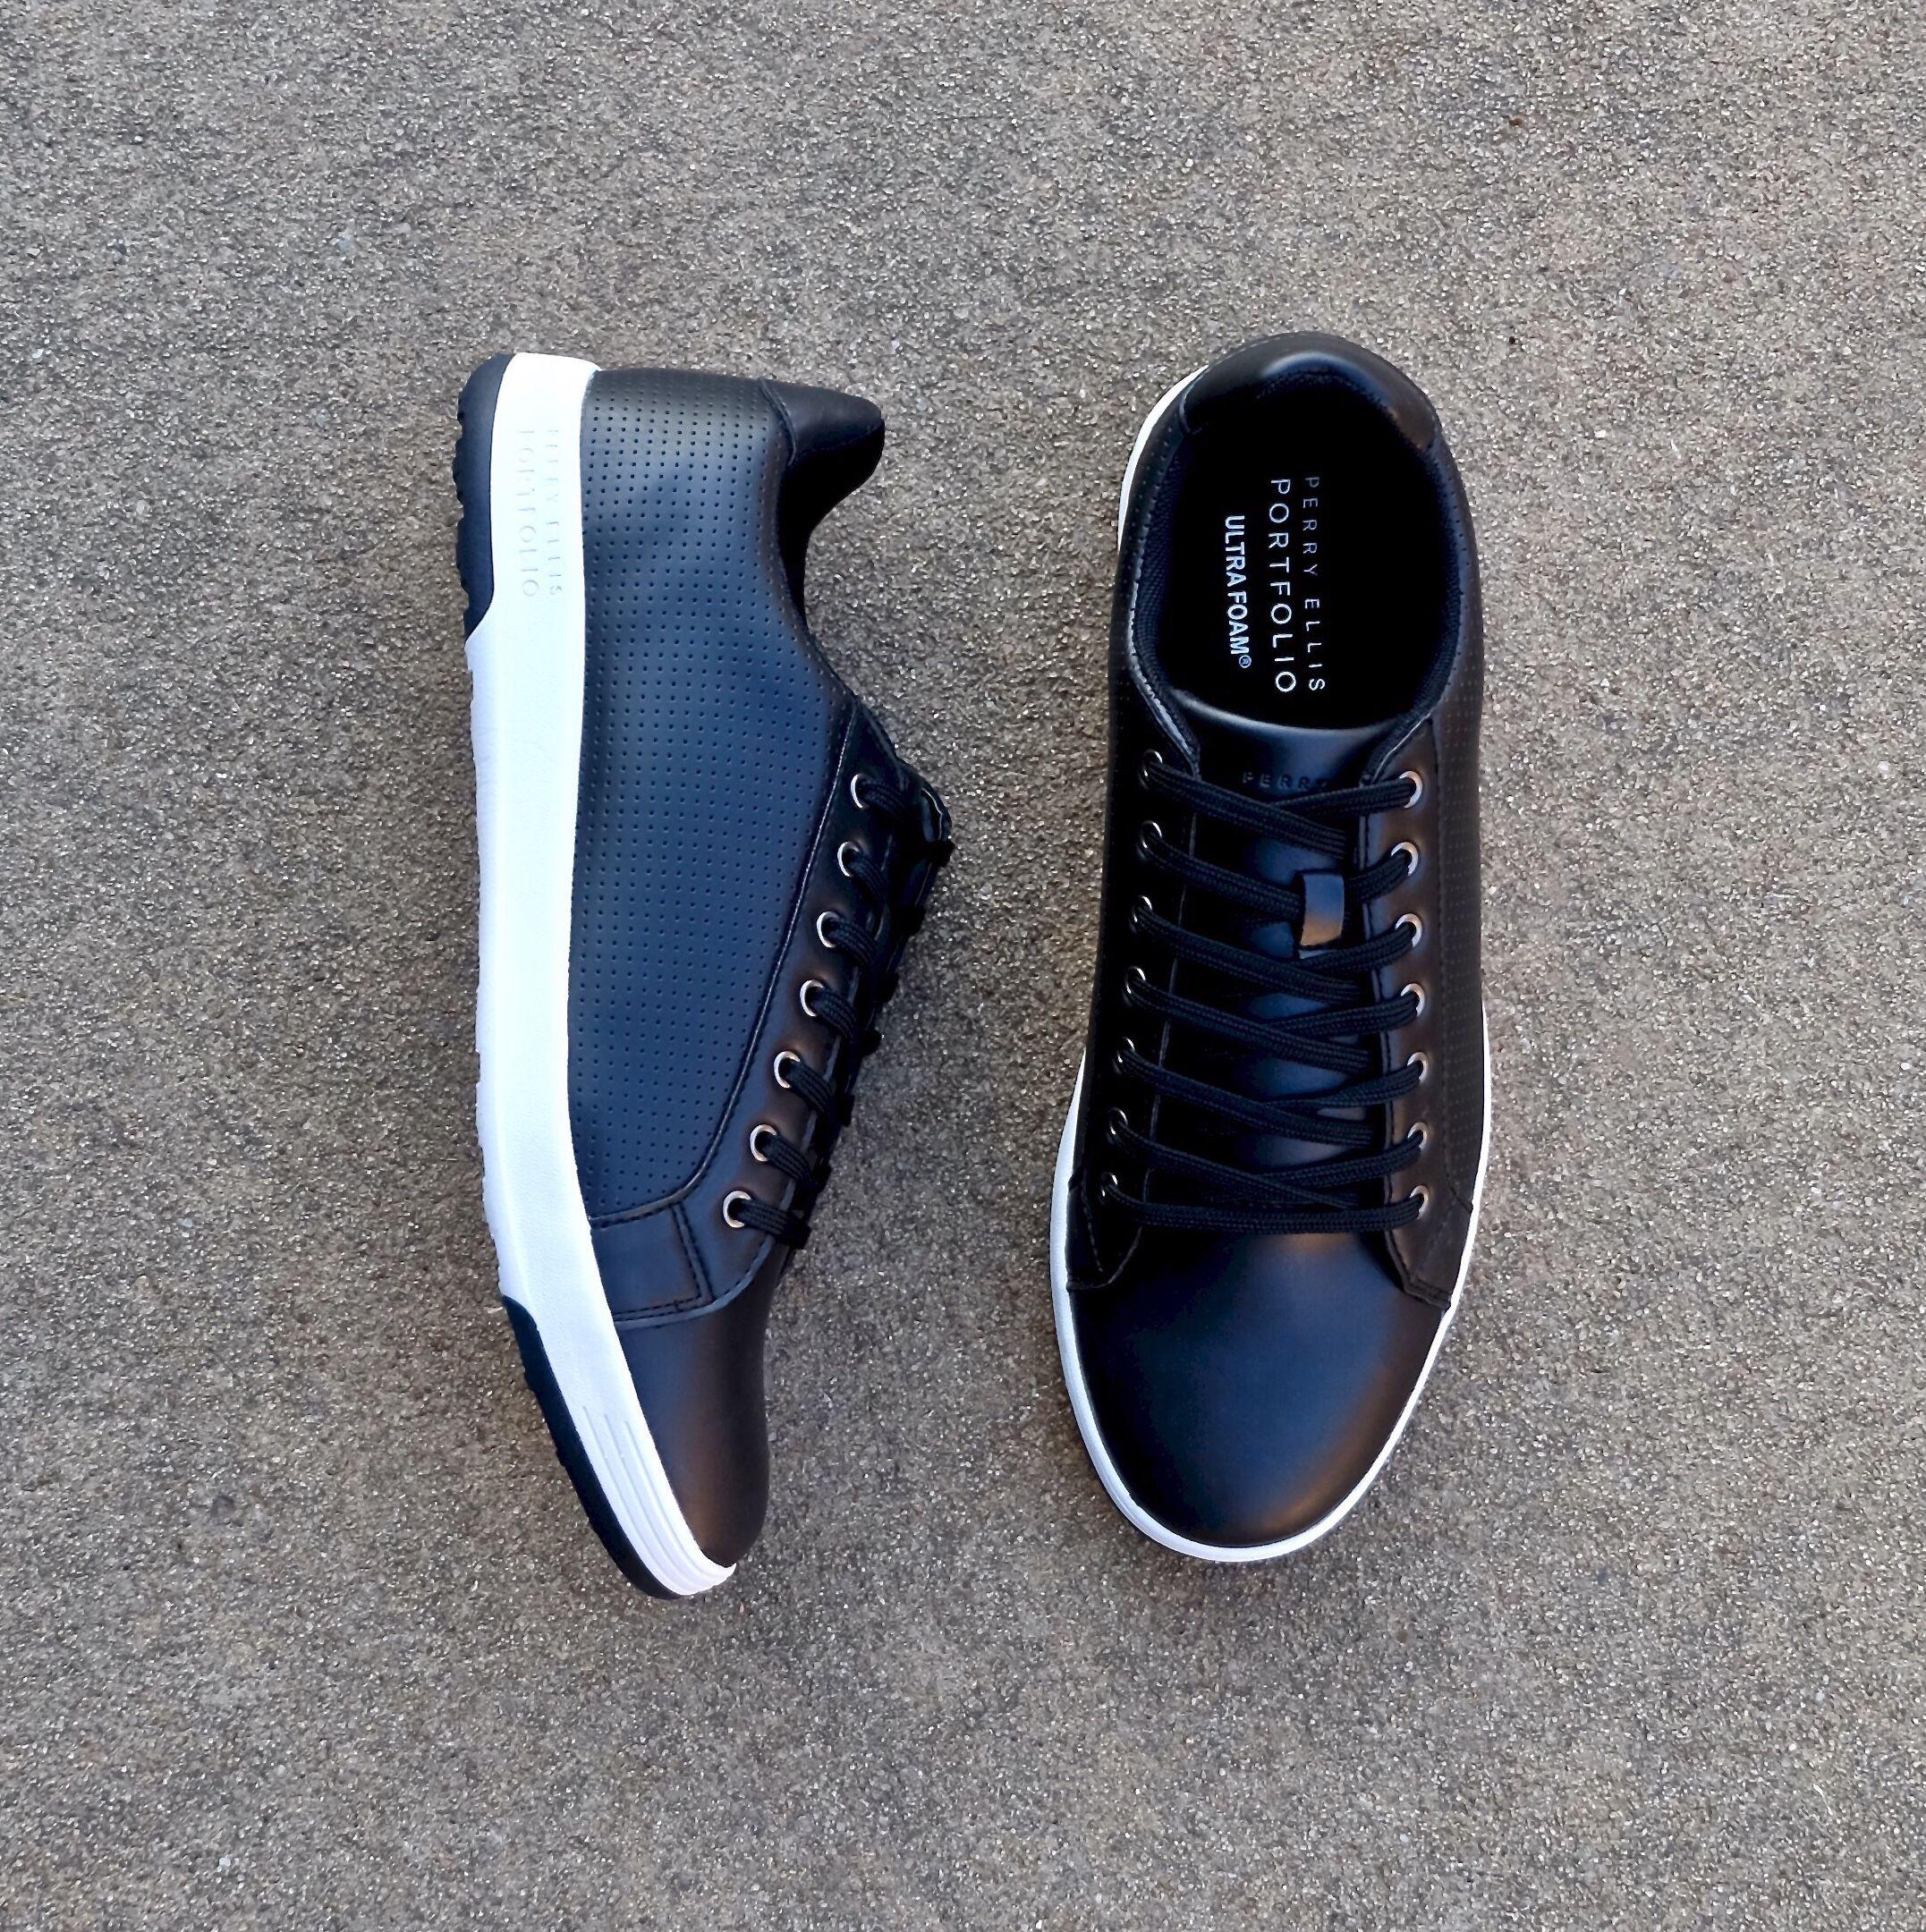 77c7a514d3e Perry Ellis black sneakers  perryellis  sneakers  shoes  footwear  menswear